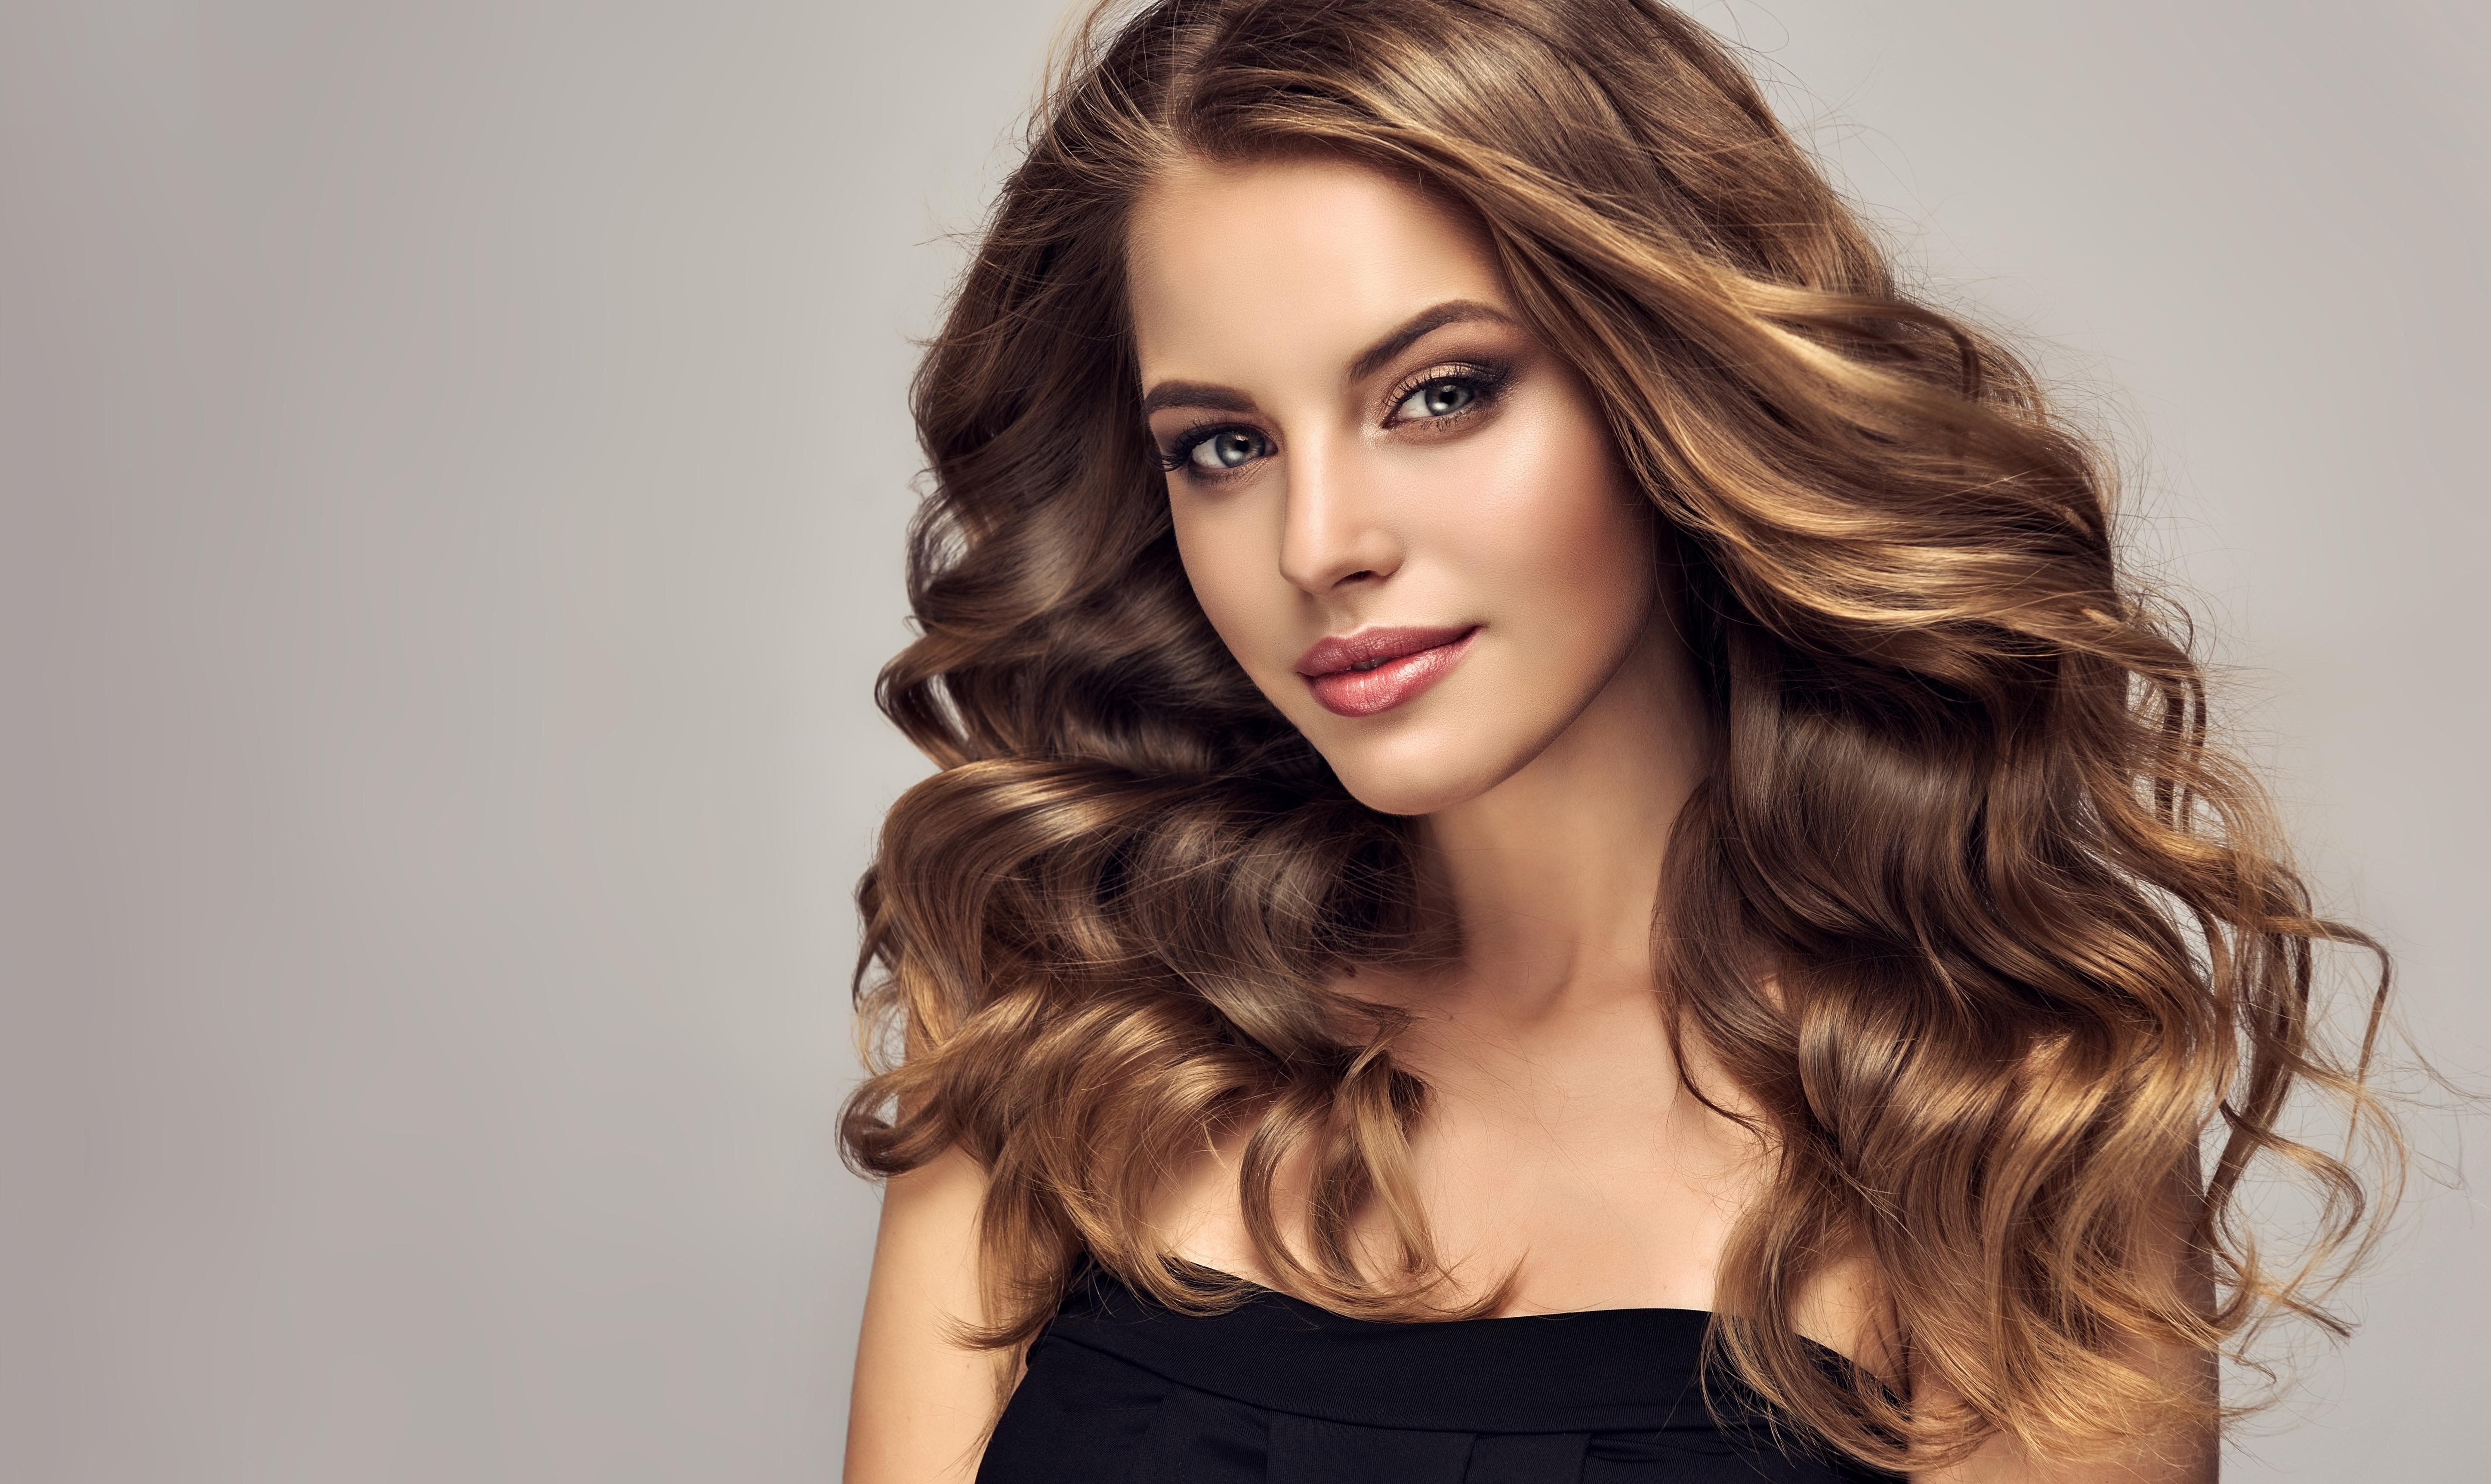 brown hair girl 1575664032 - Brown Hair Girl -